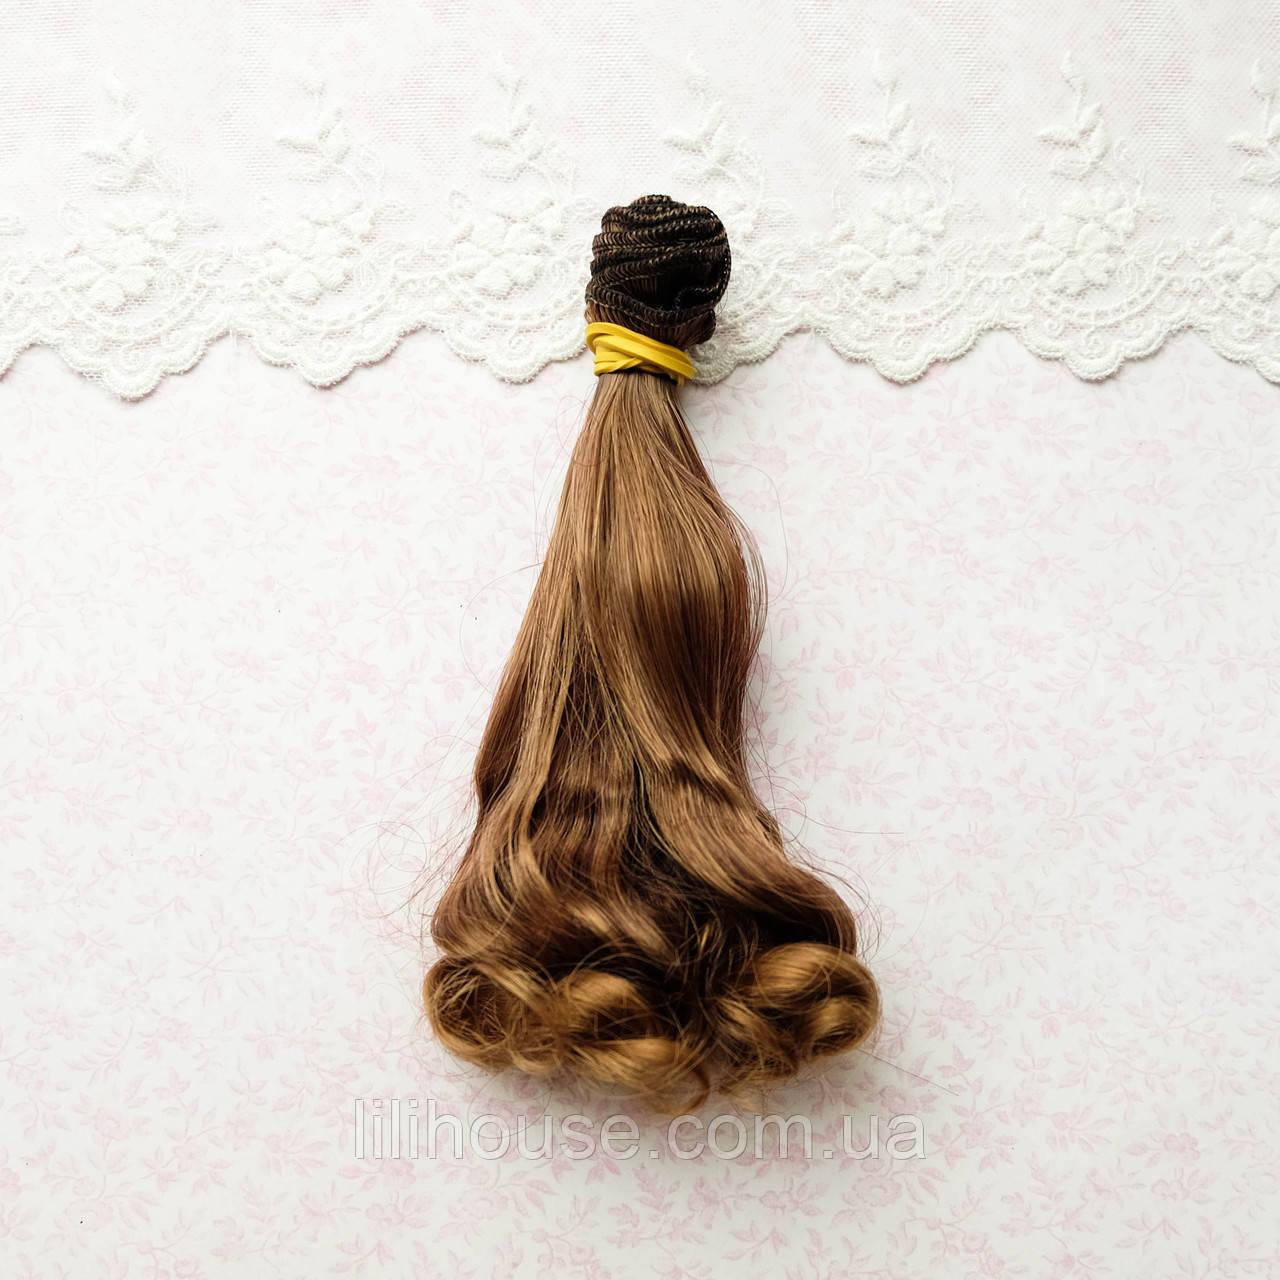 Волосы для кукол в трессах волна на концах, омбре кштан и темно-русый  - 25 см